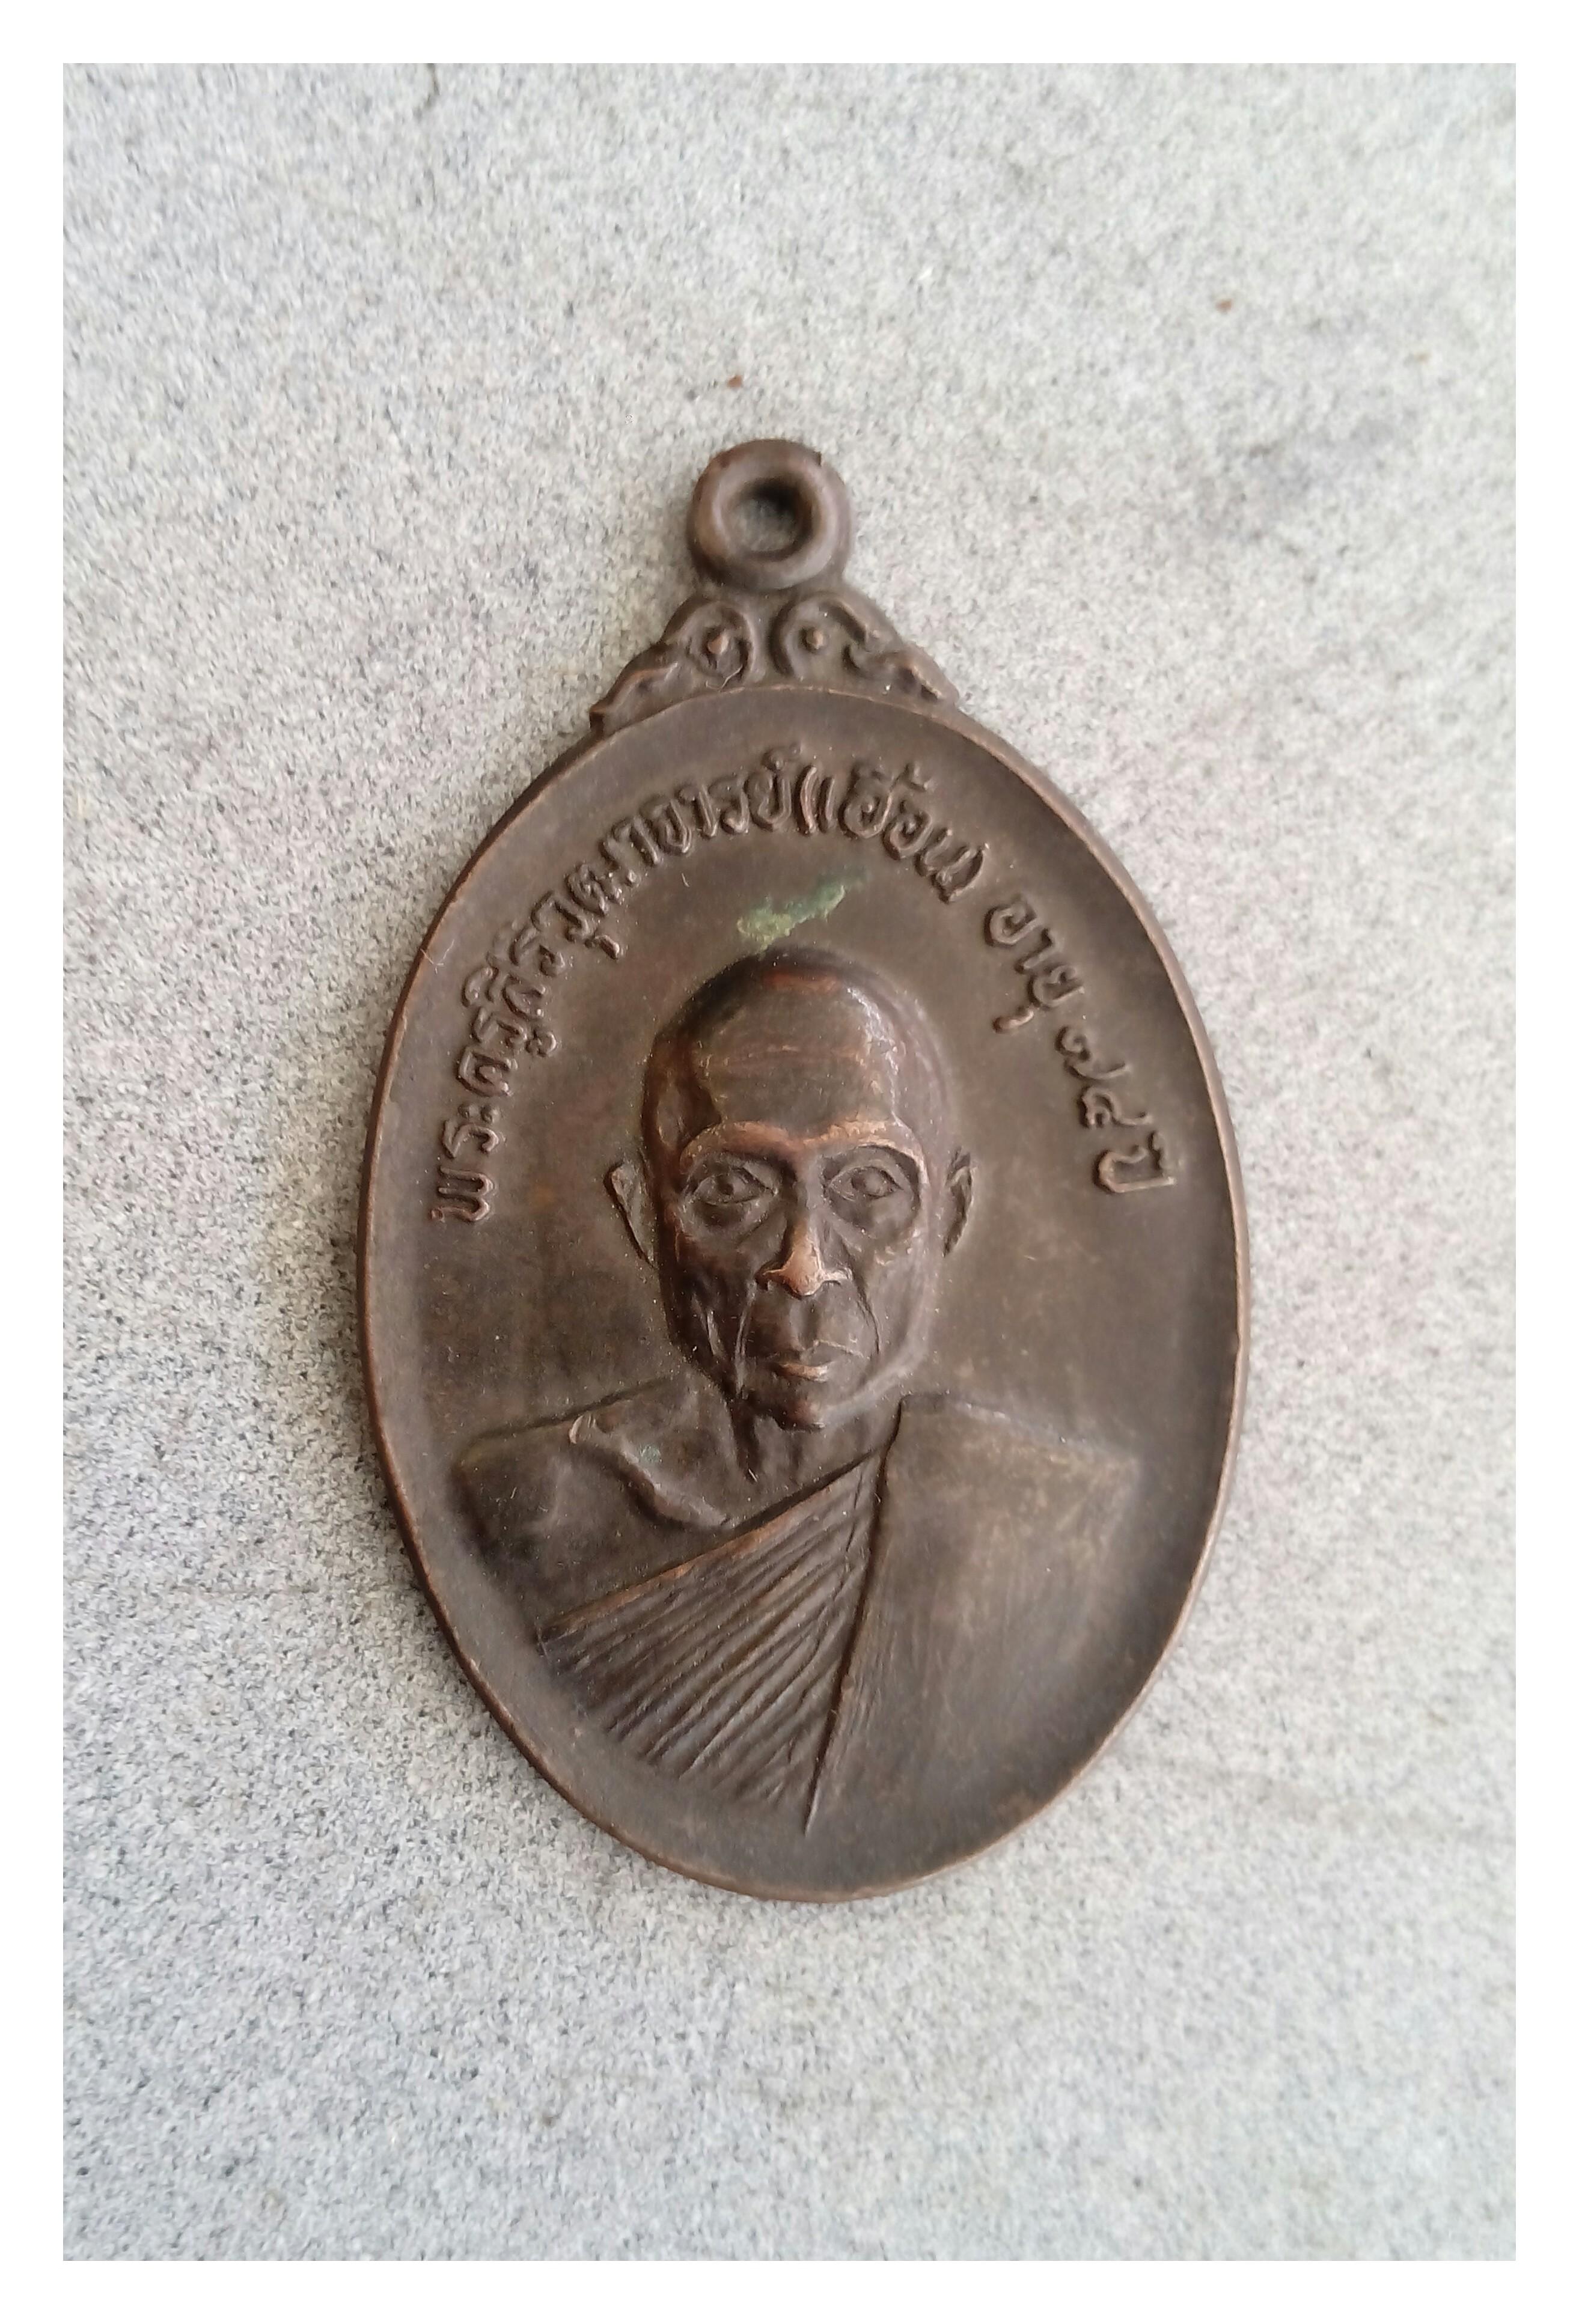 เหรียญพระครูสิริวุฒาจารย์ (เอื้อน) วัดท่าน้ำตื้น